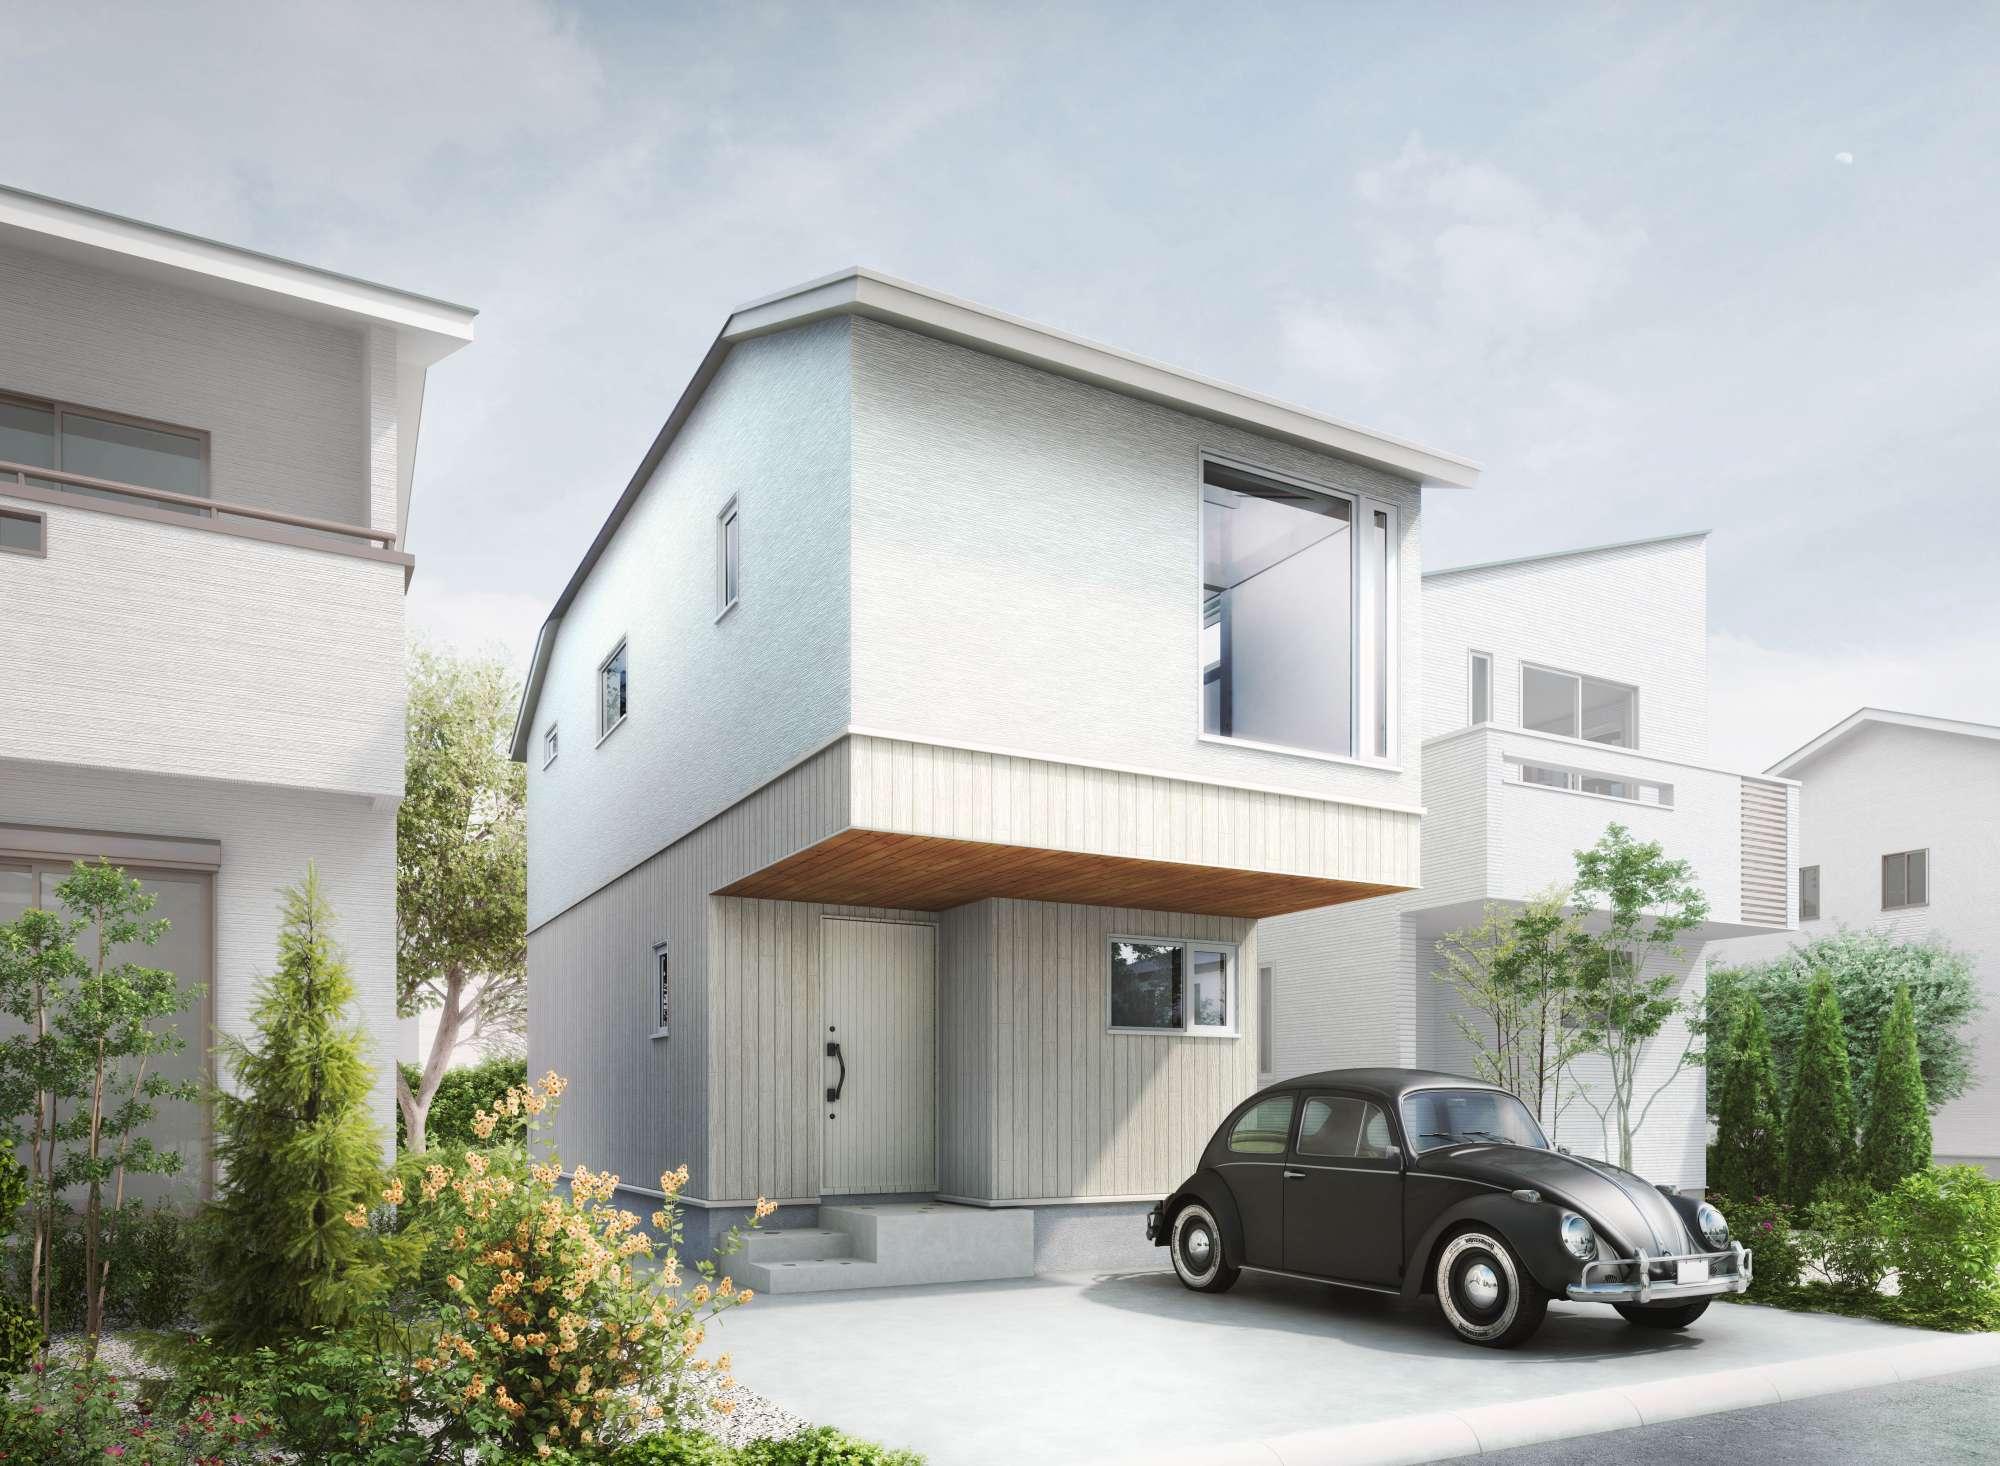 - 外観 イメージパースシンプルでコンパクト木組みの家 -  -